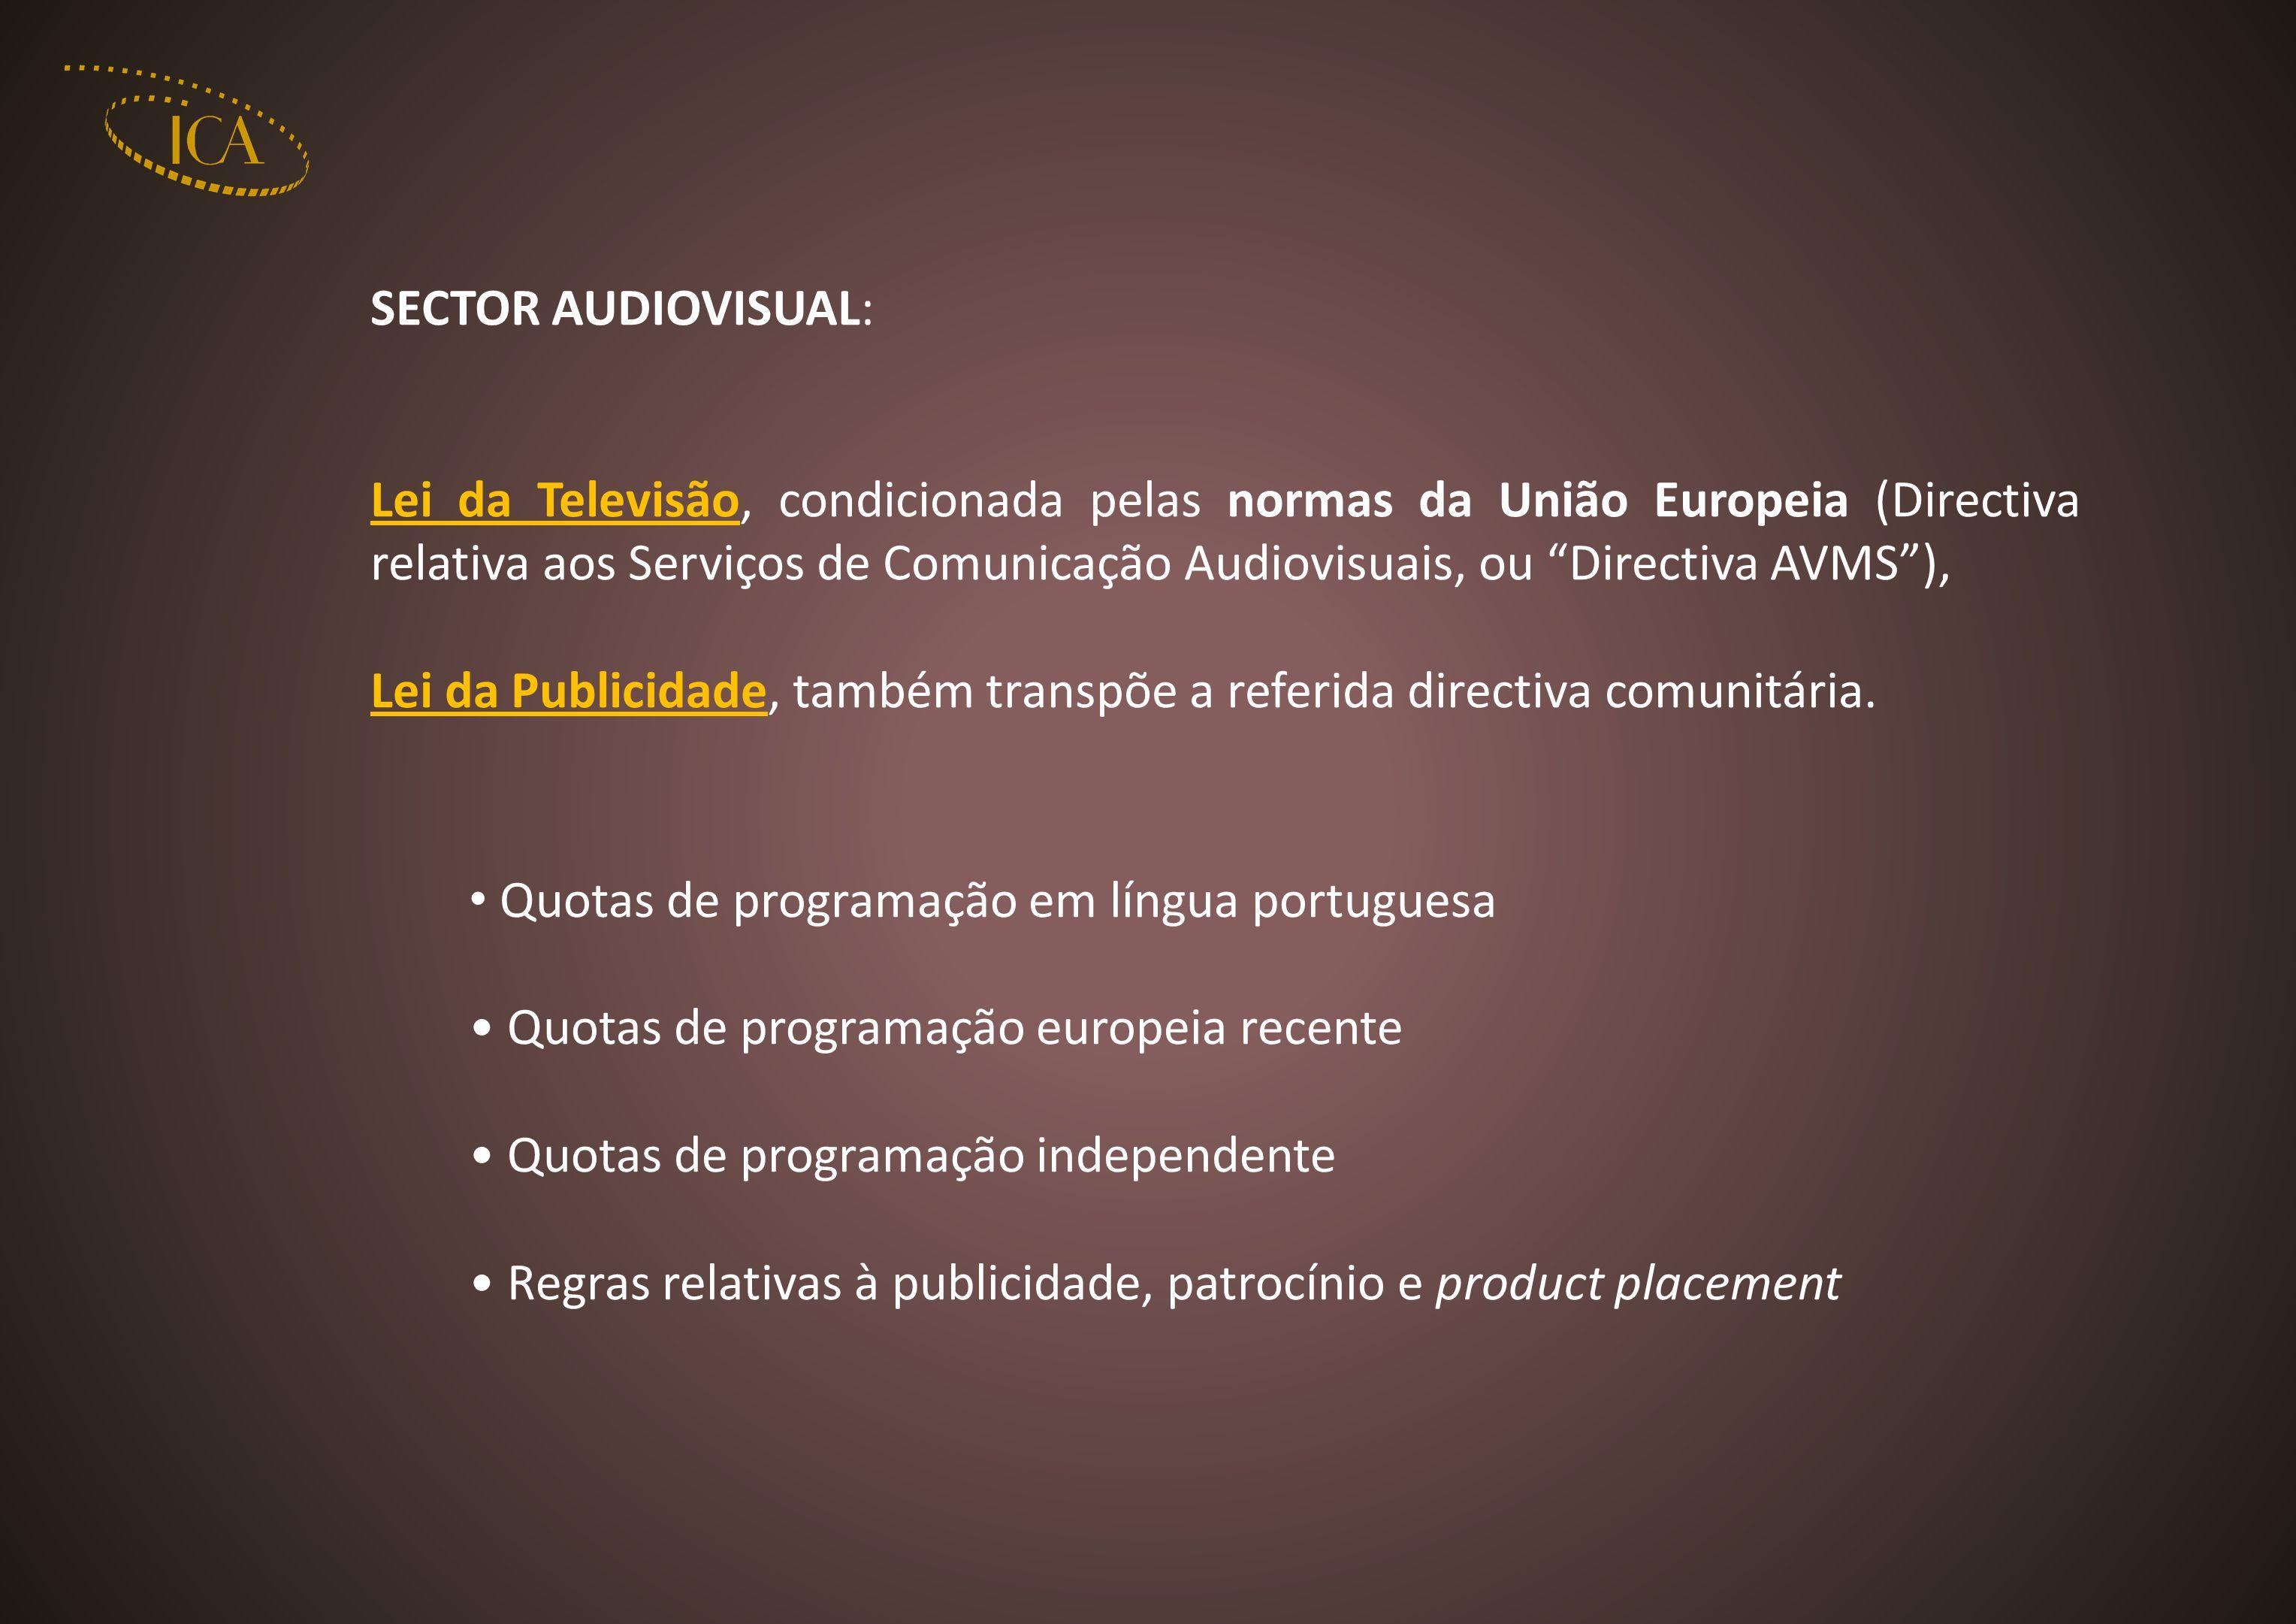 SECTOR AUDIOVISUAL: Lei da Televisão, condicionada pelas normas da União Europeia (Directiva relativa aos Serviços de Comunicação Audiovisuais, ou Directiva AVMS), Lei da Publicidade, também transpõe a referida directiva comunitária.